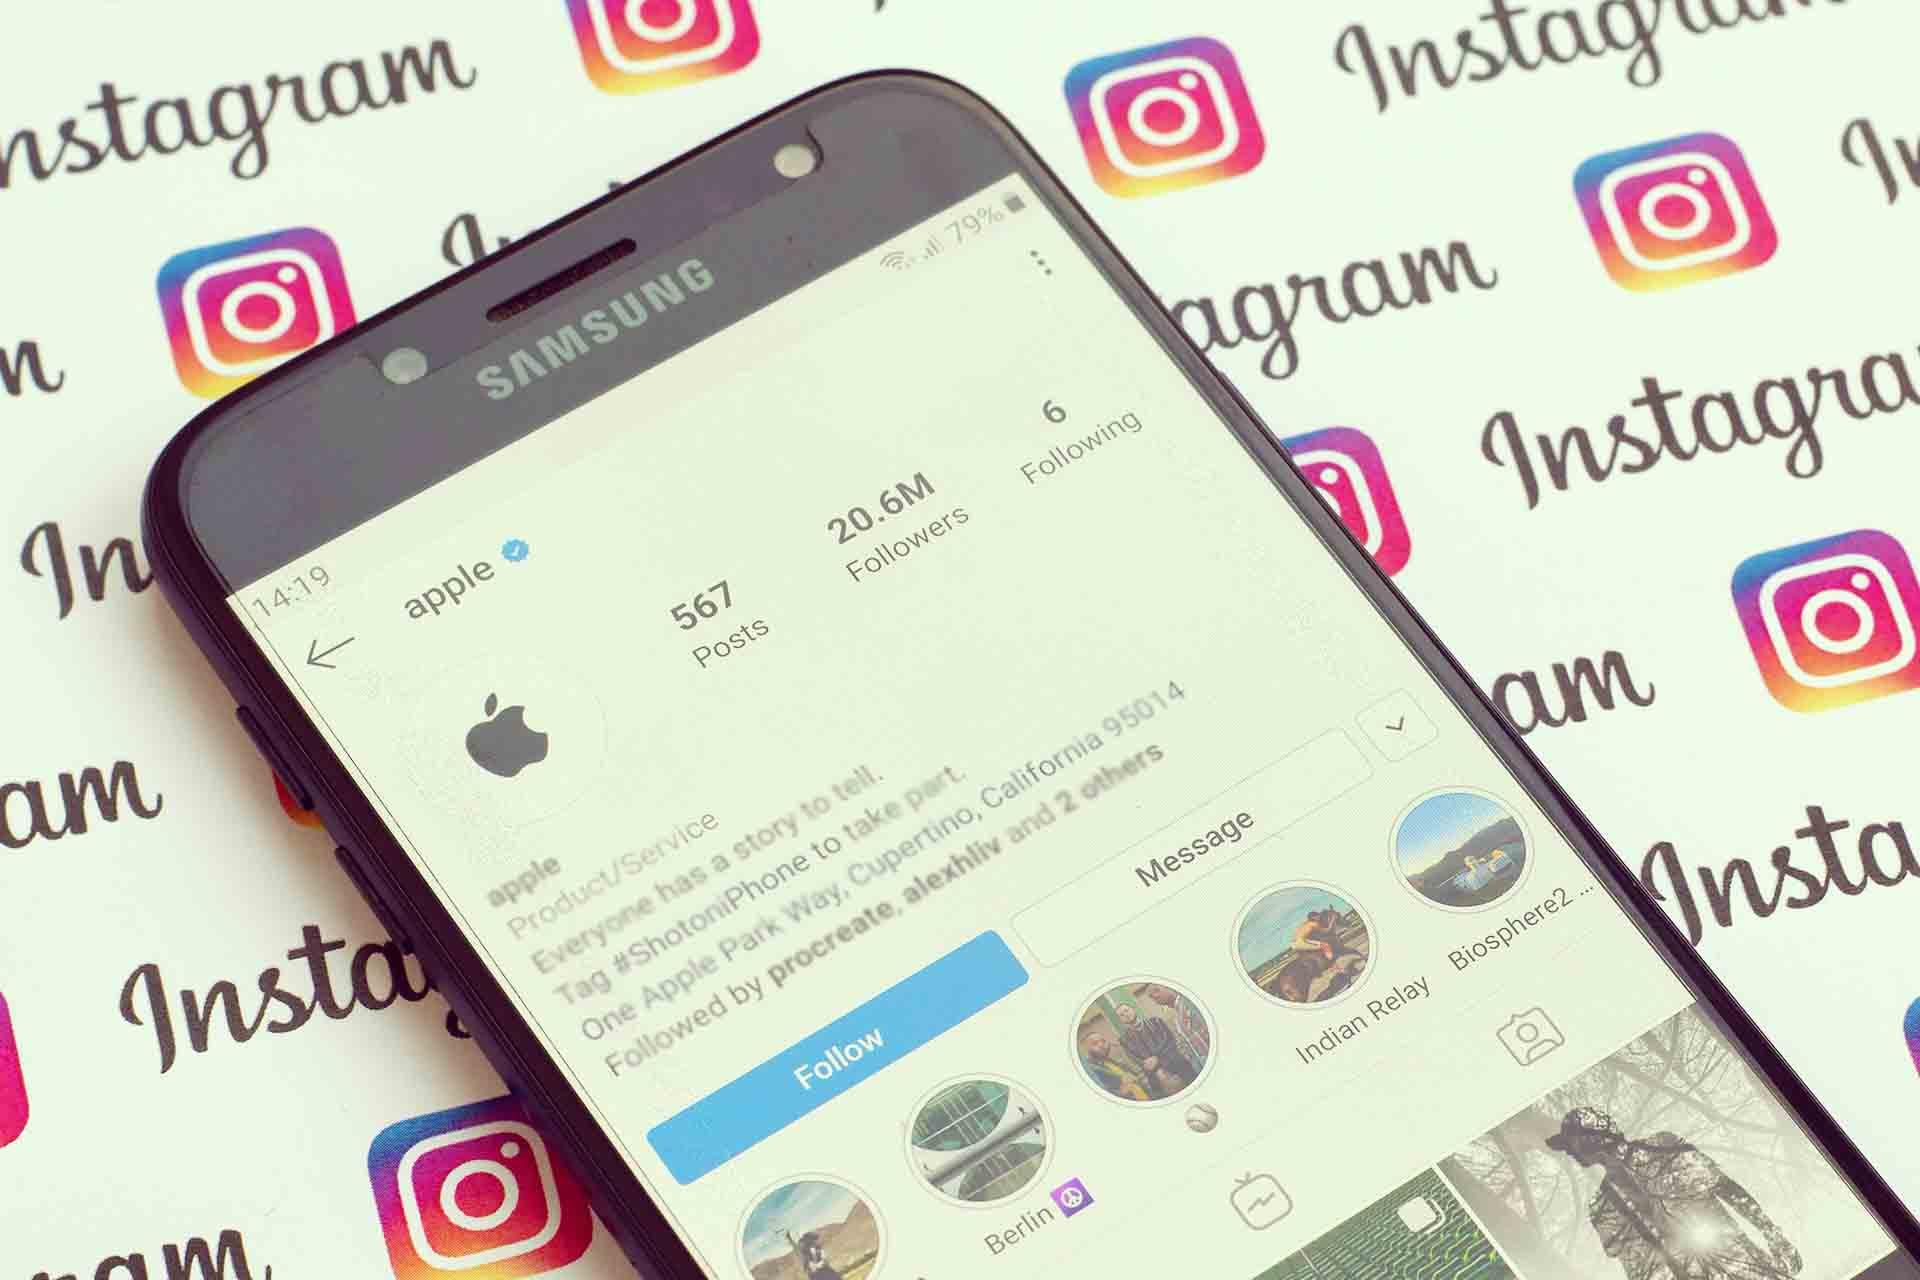 Controla tu privacidad en Instagram con estos consejos